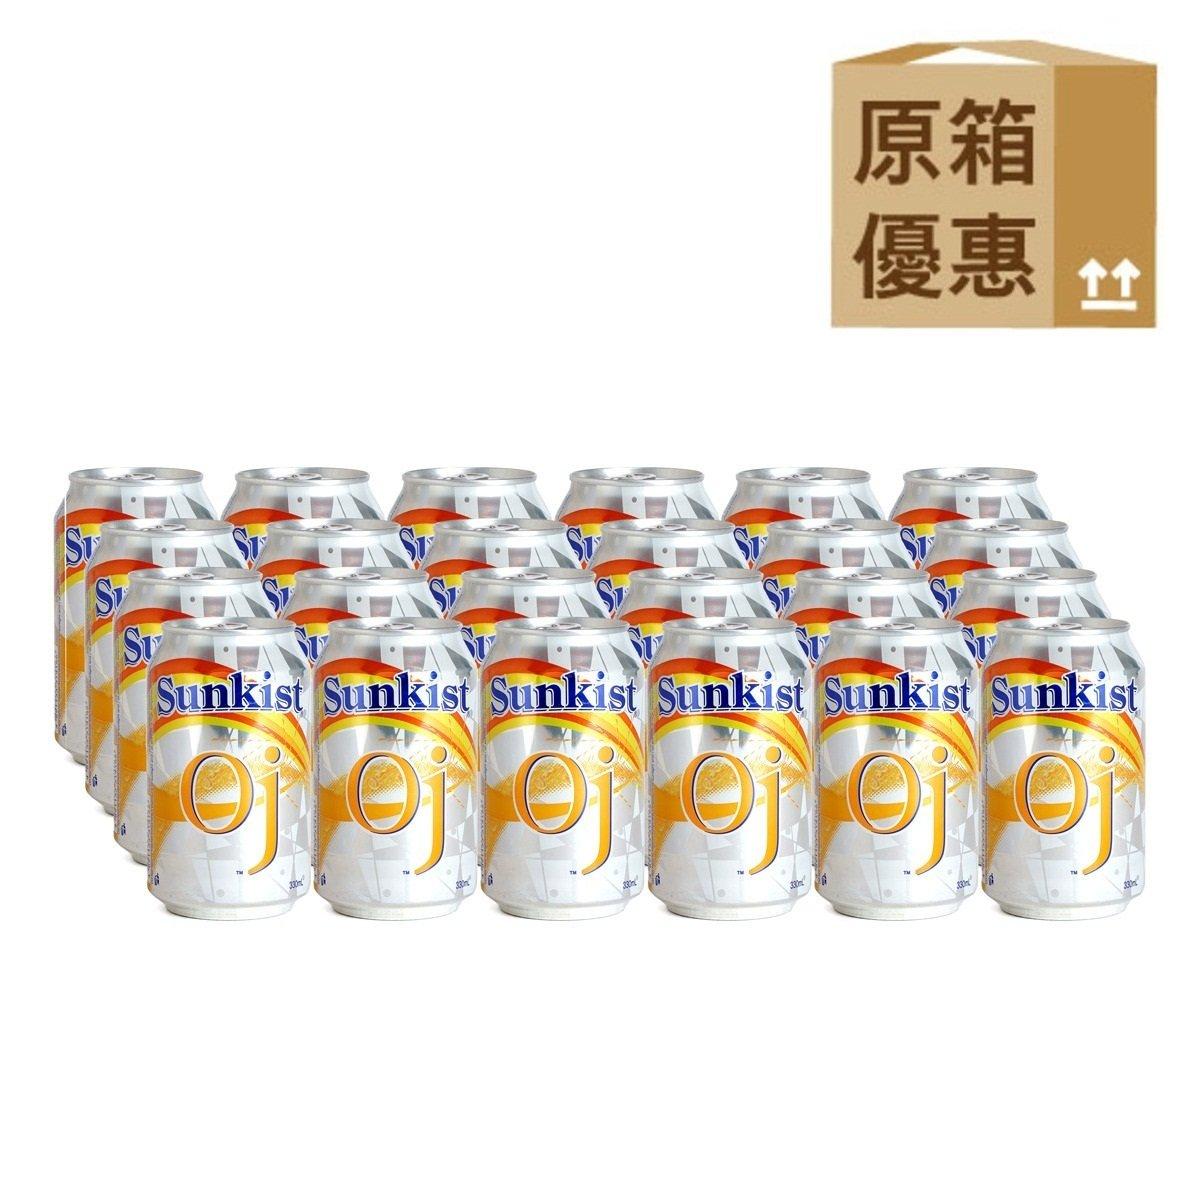 OJ橙汁飲品 (原箱)